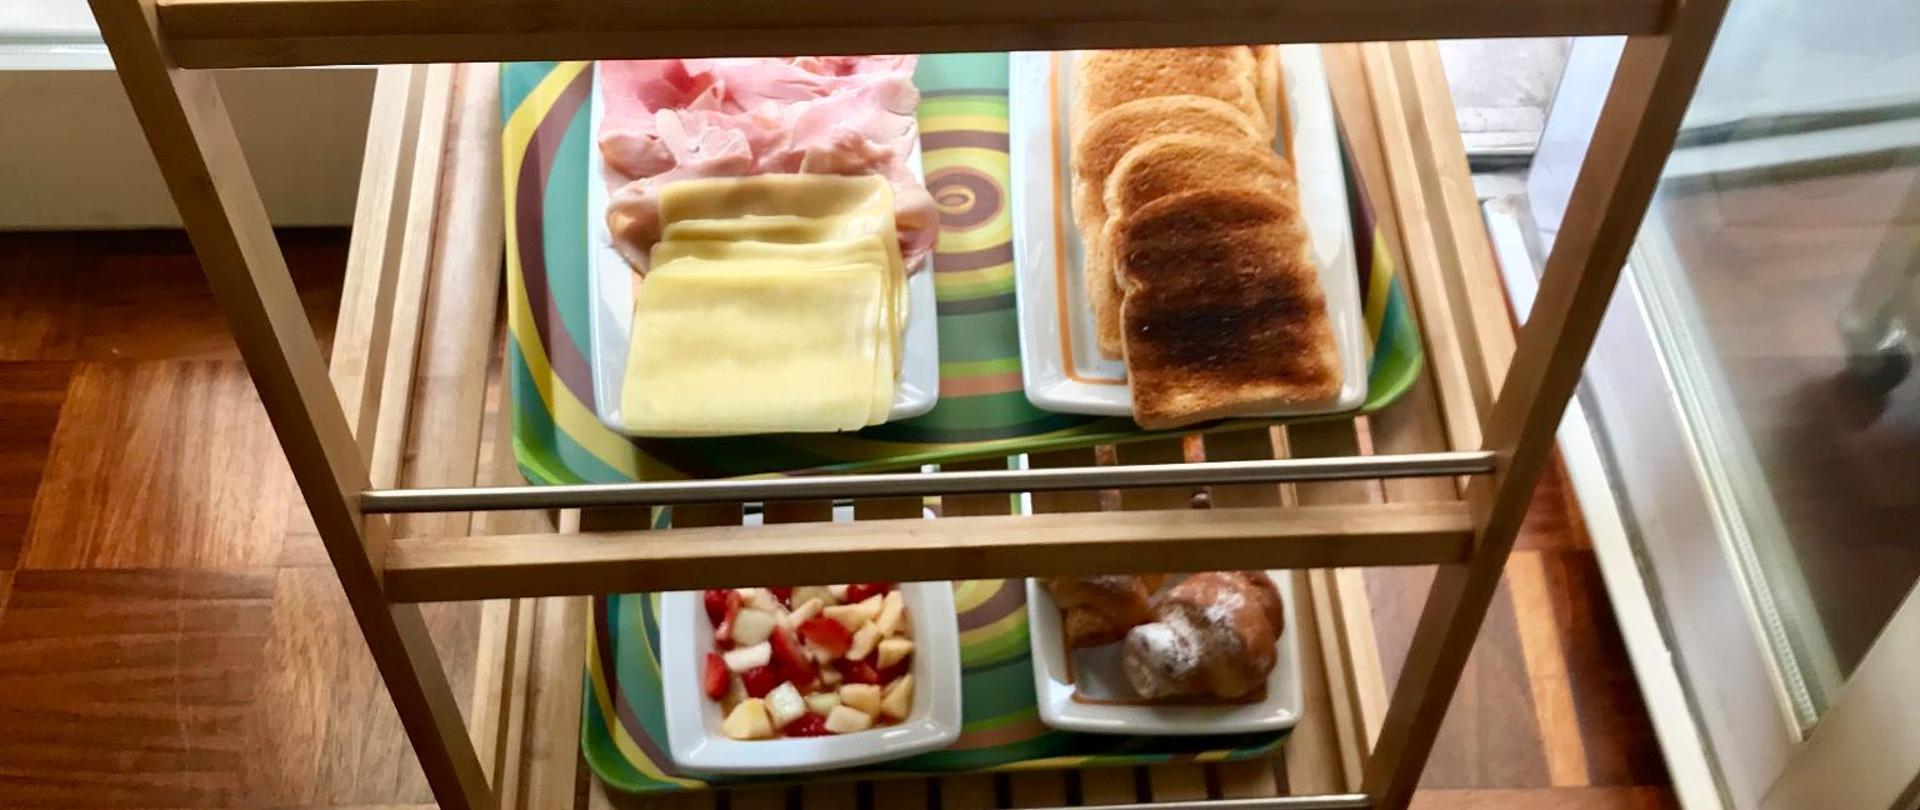 foto colazione1.jpg